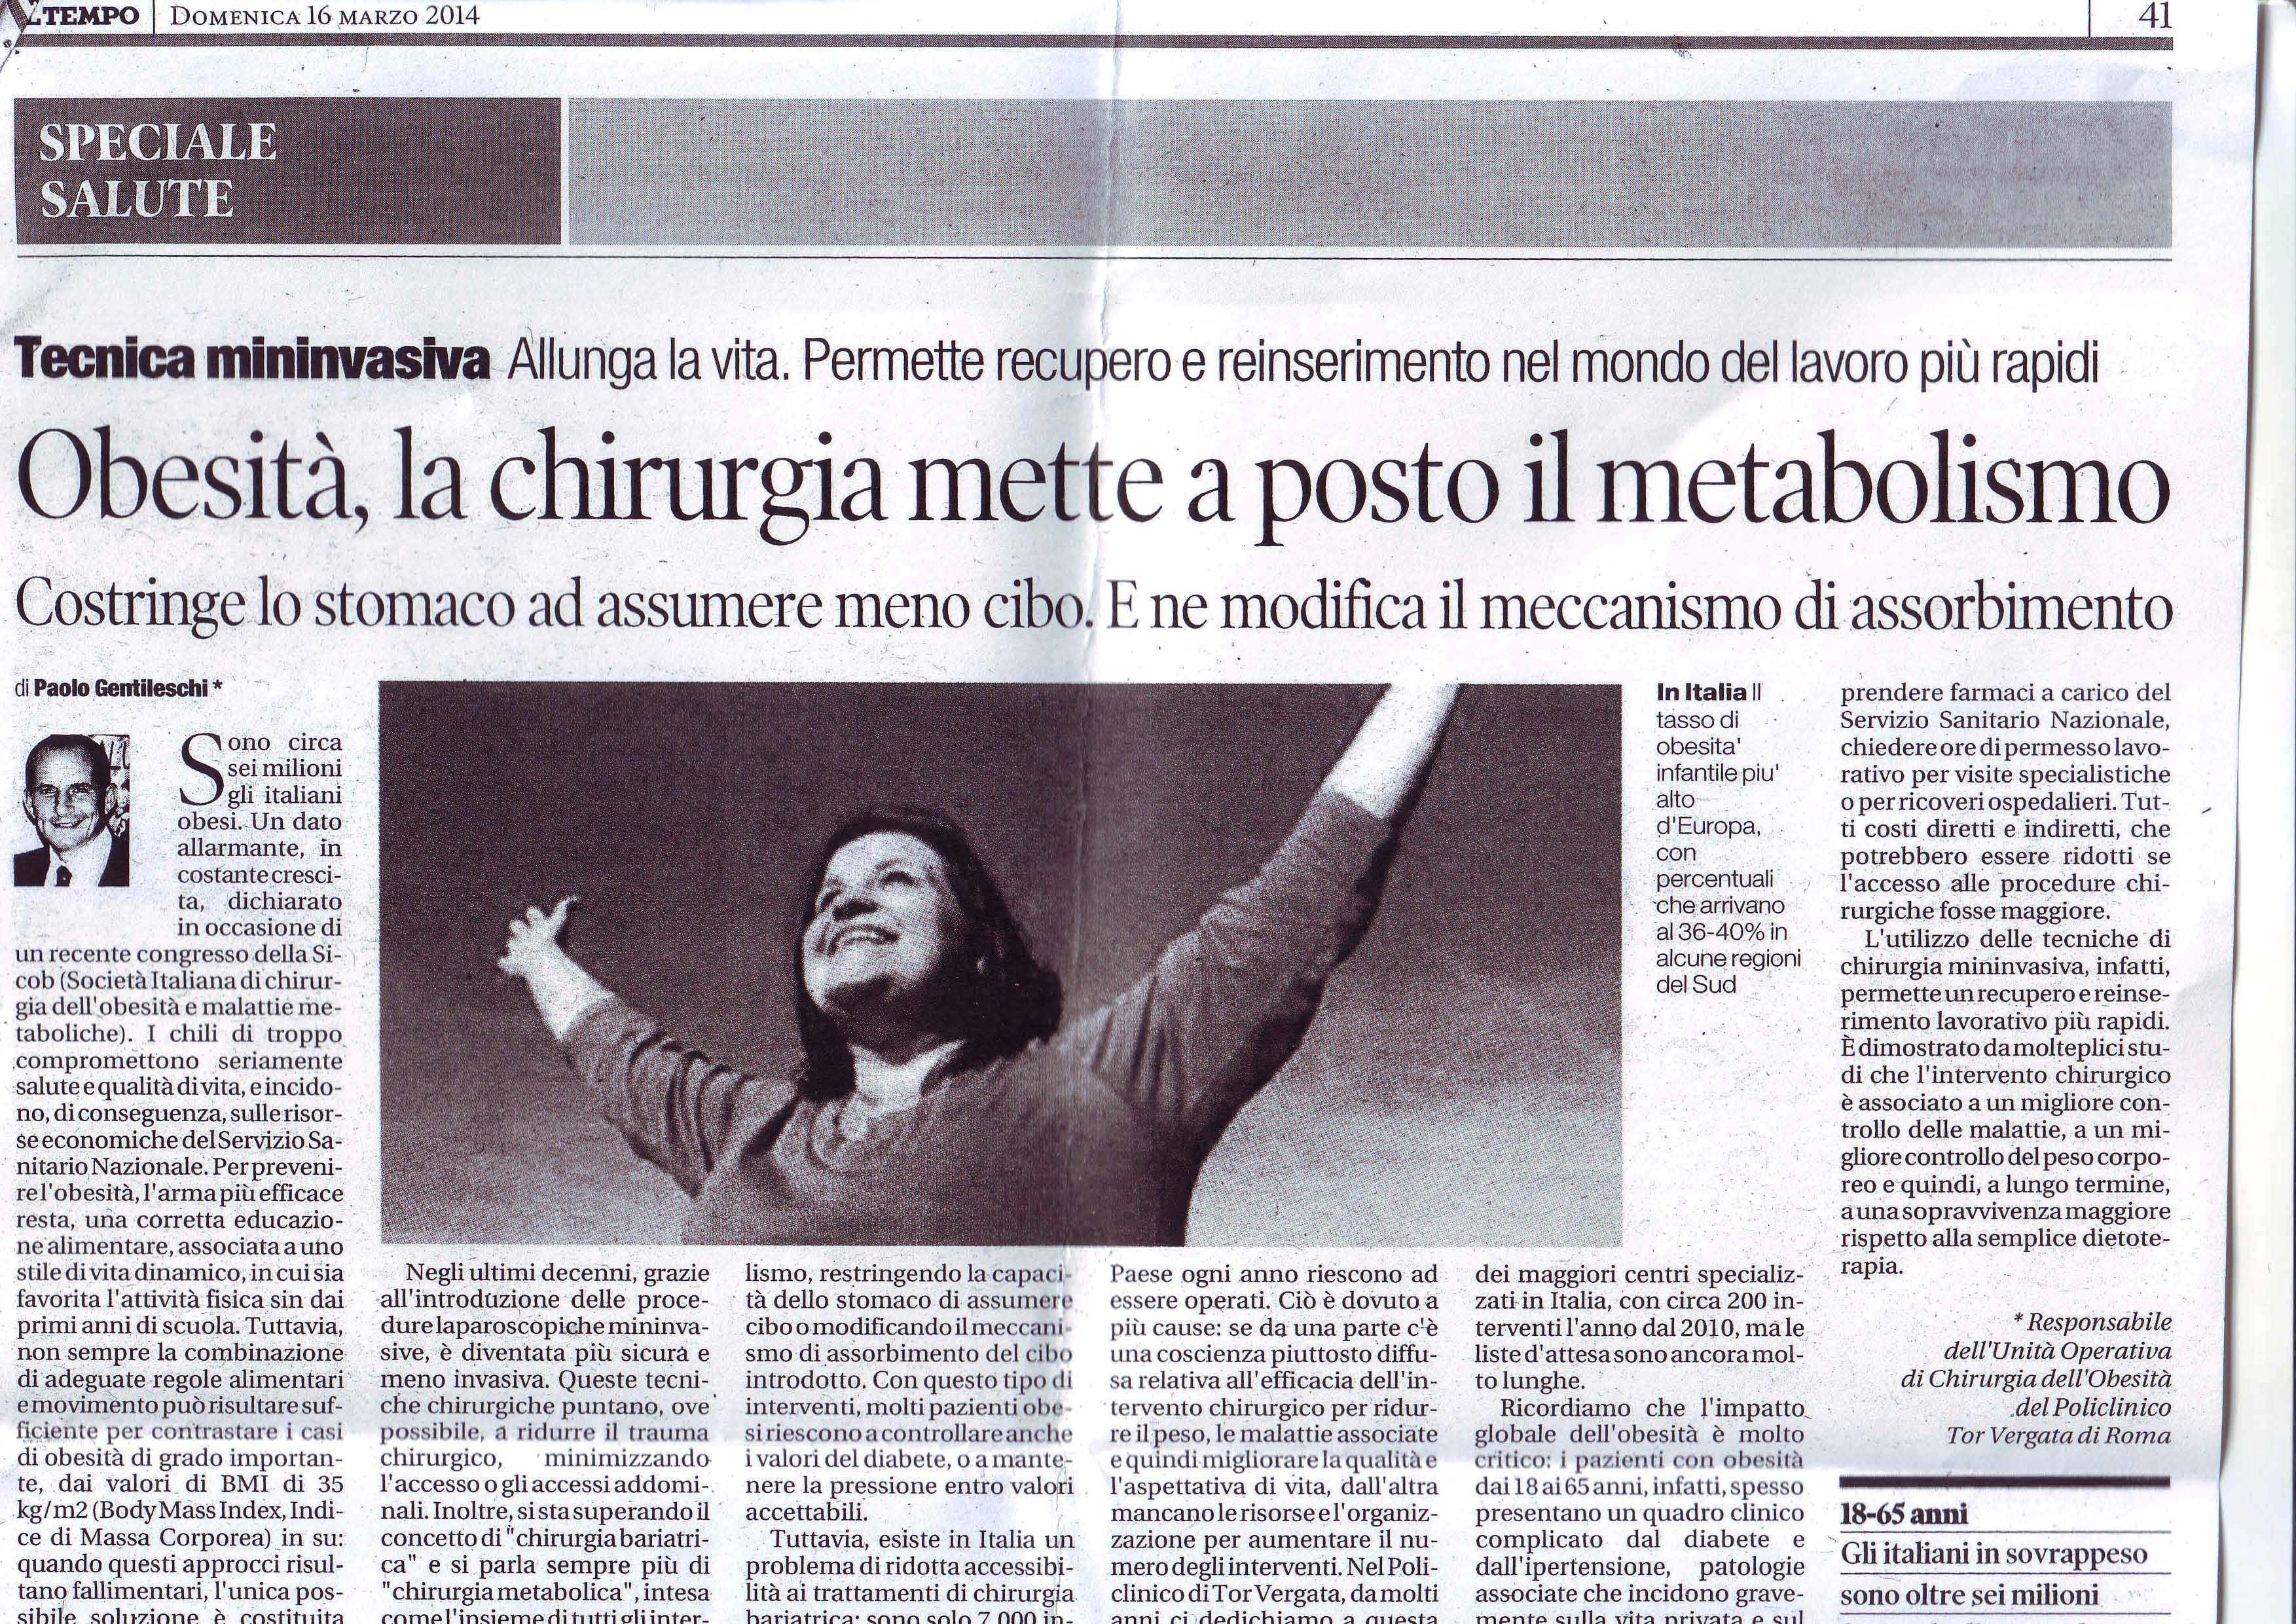 IL TEMPO articolo del Prof. Dott. Paolo Gentileschi - 16 marzo